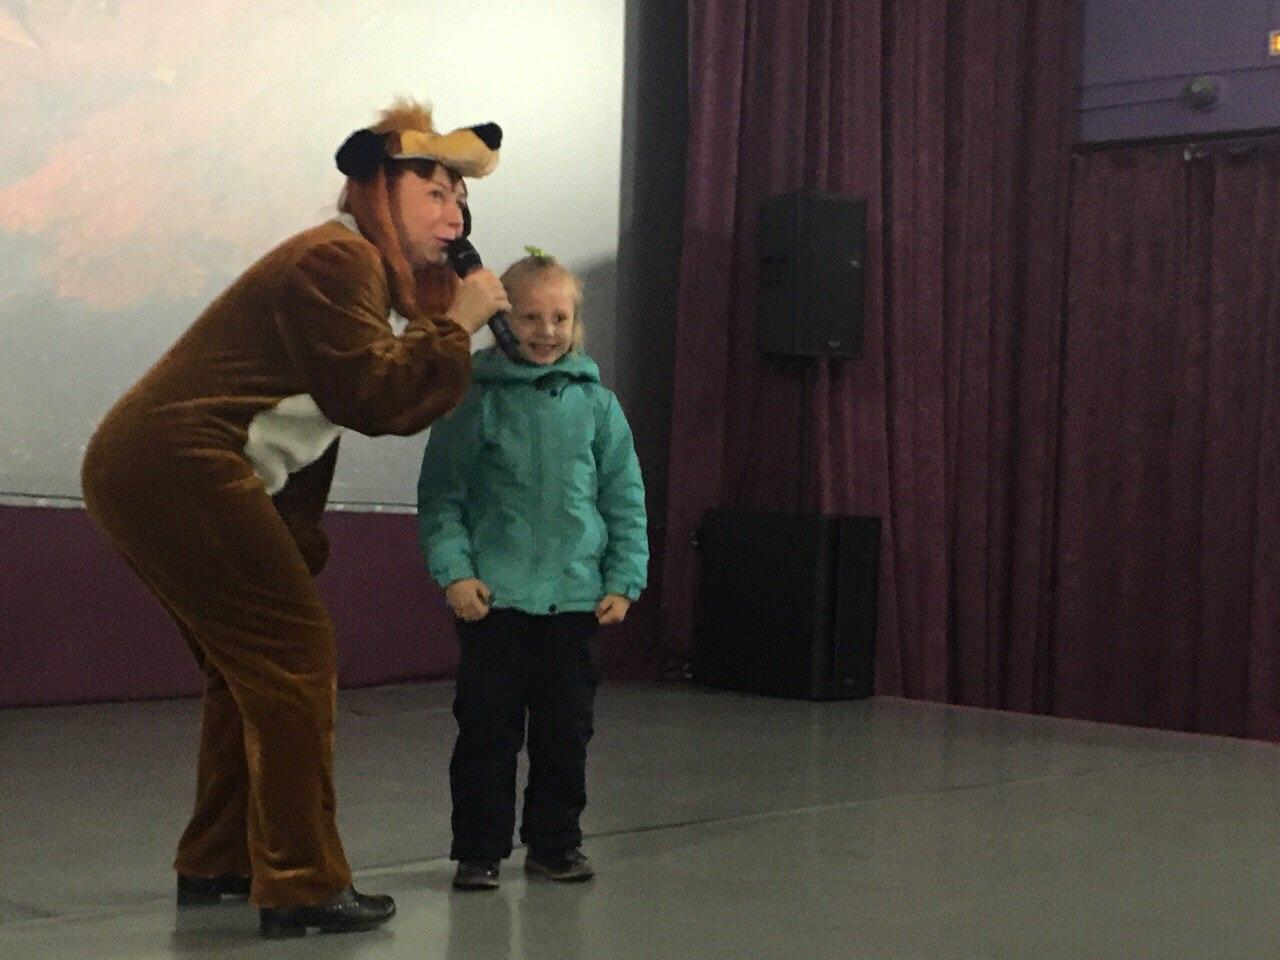 детская кинопрограмма по правилам дорожного движения «Безопасный путь домой по шумной мостовой» для воспитанников детского сада «Ласточка»